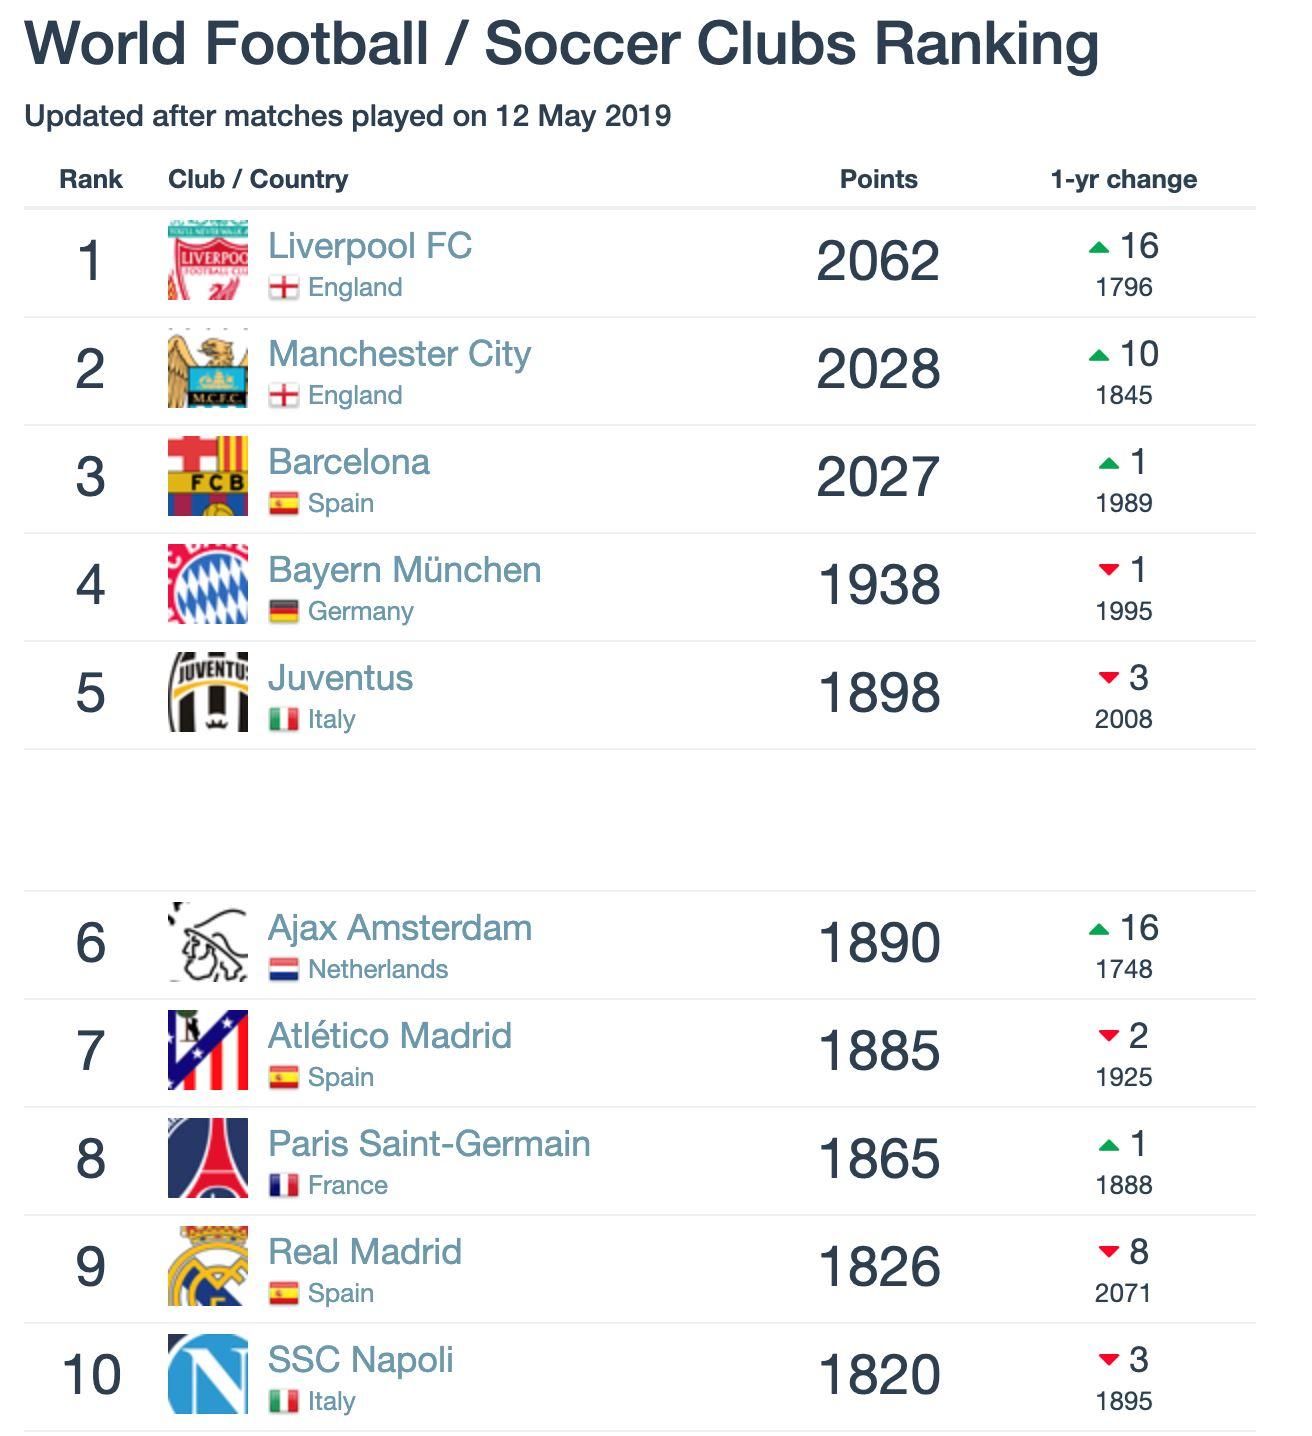 ranking kelab bola sepak dunia sehingga mei 2019, man. united di tempat #35